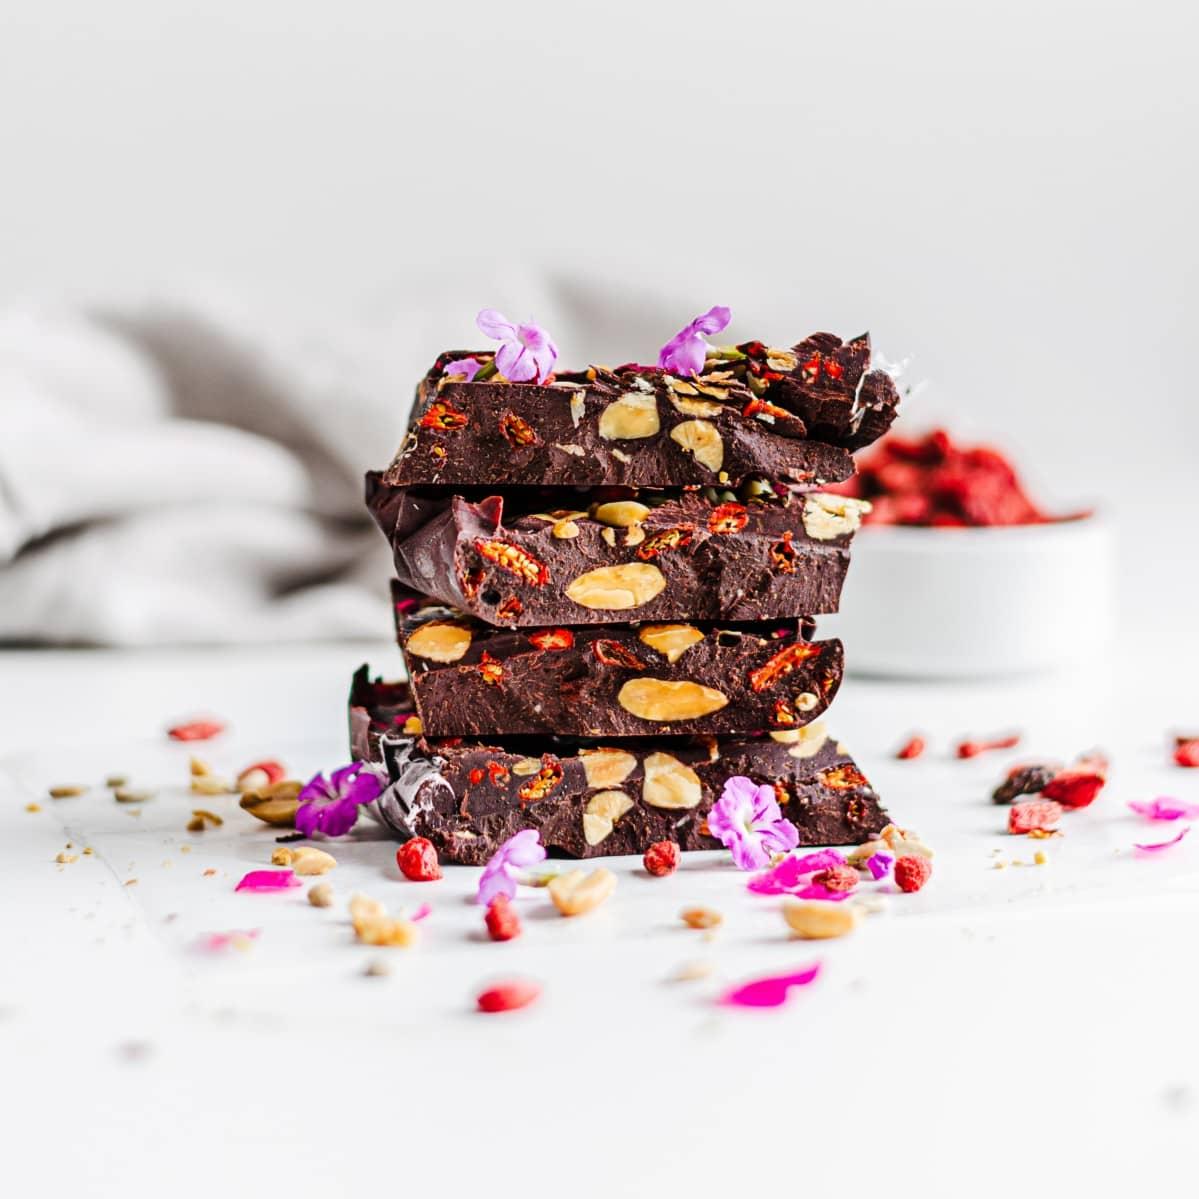 GOJI NUTS CHOCOLATE BARS